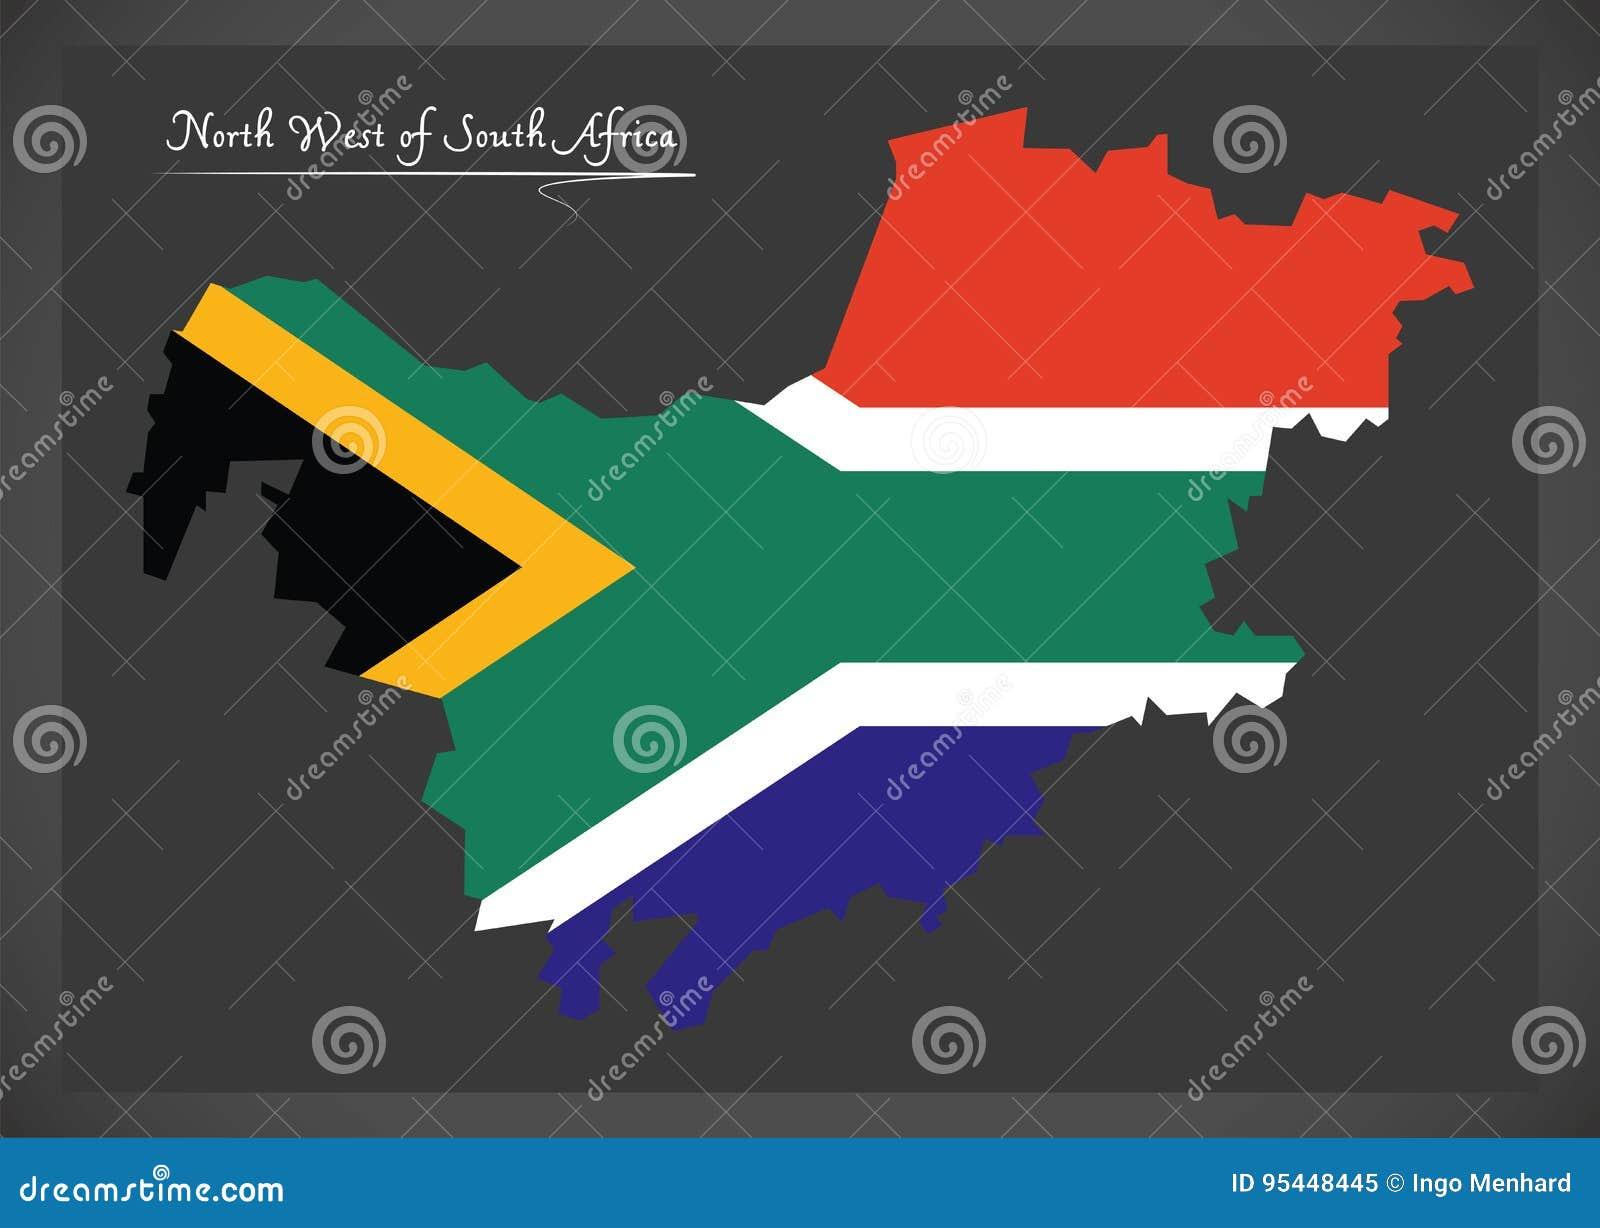 Carte Afrique Du Sud Ouest.Carte Du Nord Ouest De L Afrique Du Sud Avec Le Drapeau National